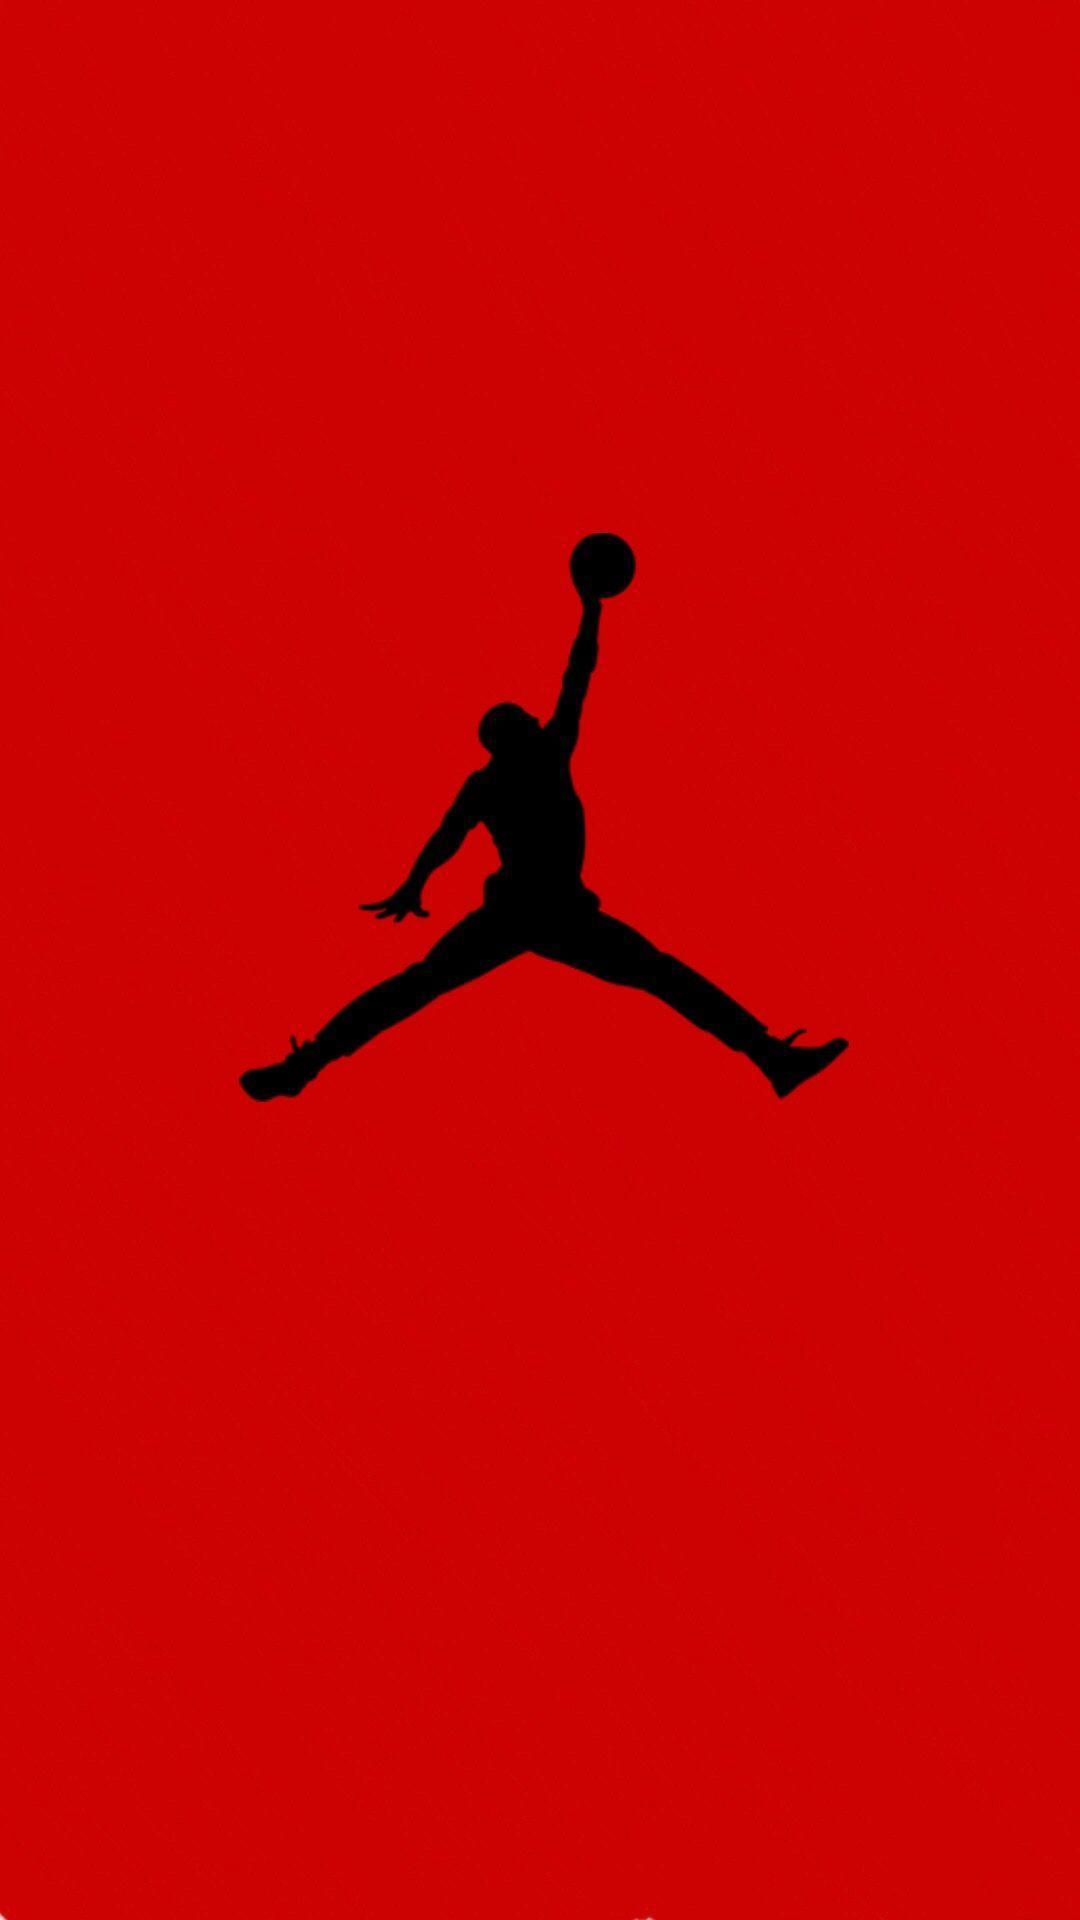 Air Jordan Logo Wallpapers Top Free Air Jordan Logo